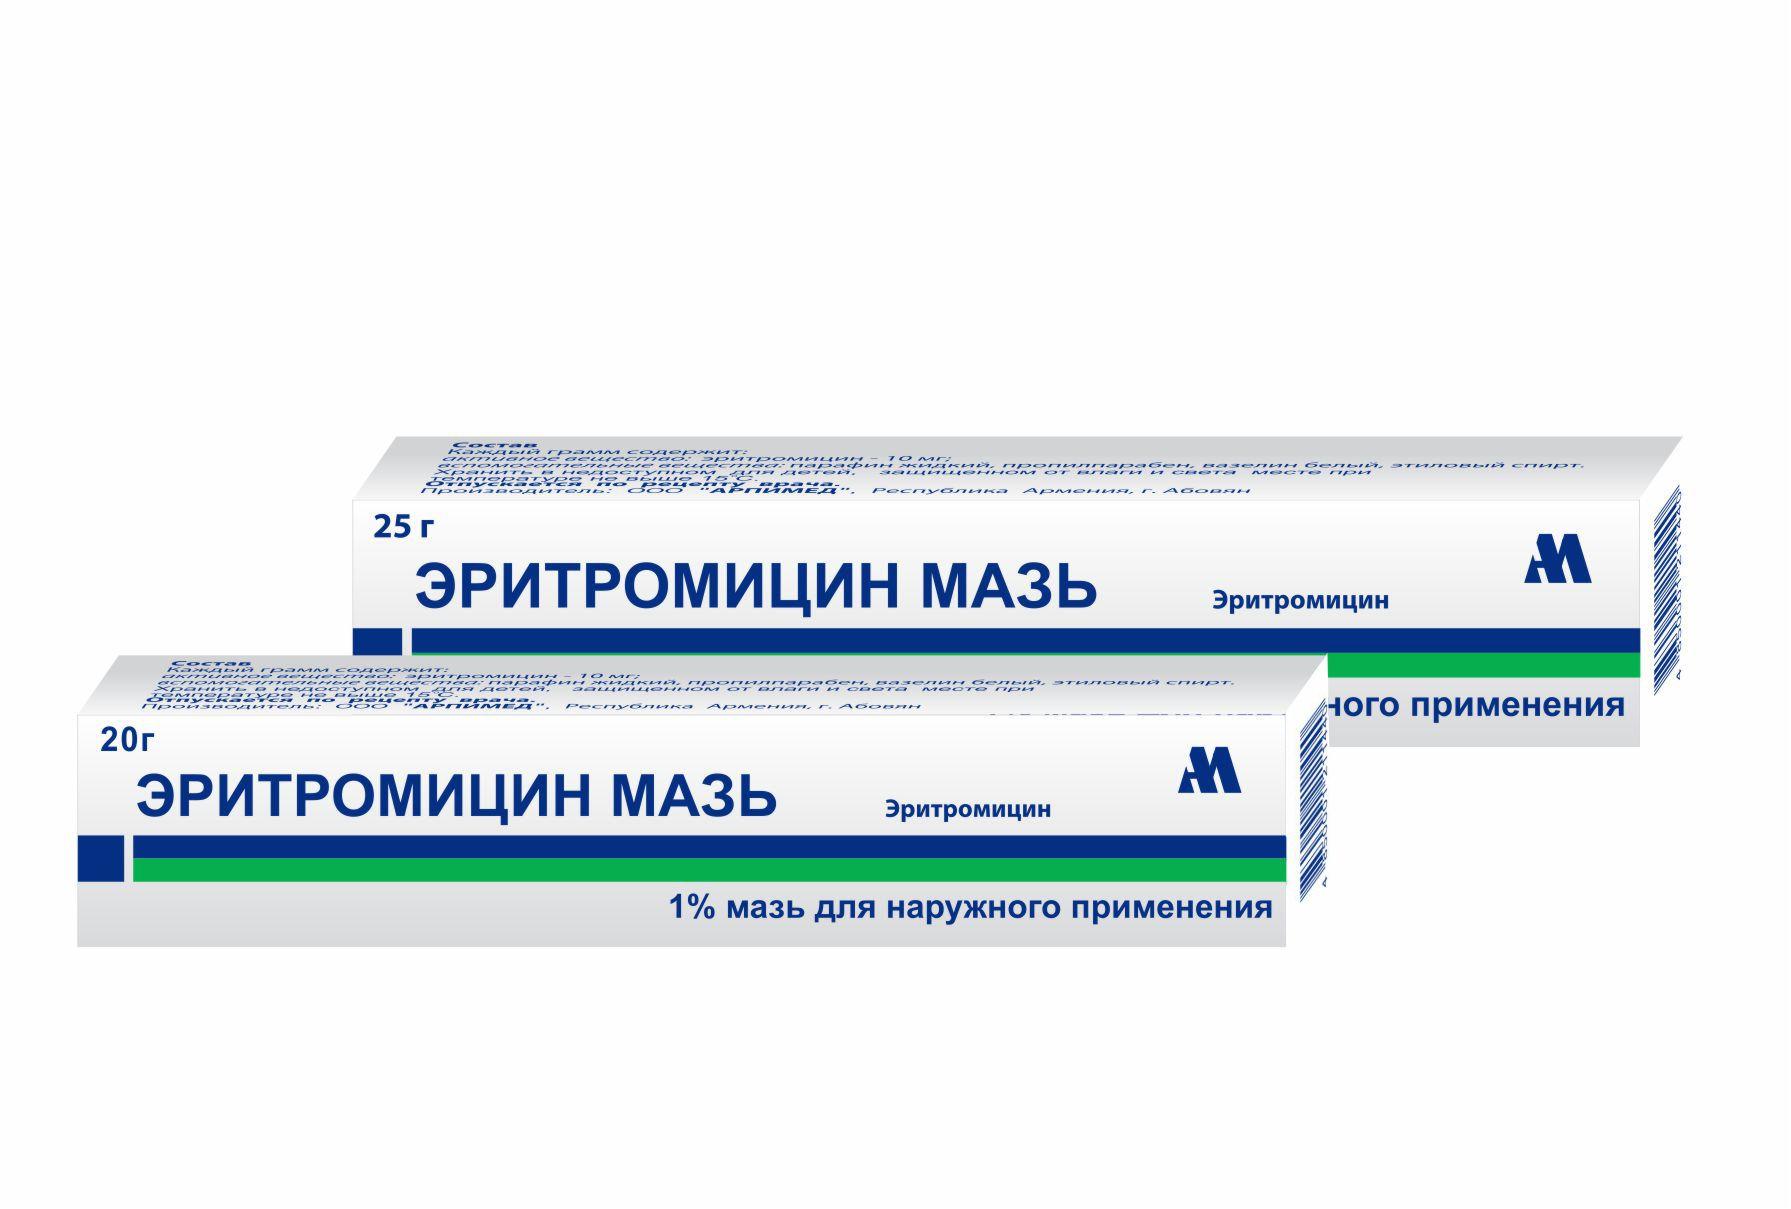 Мазь Эритромицин от чего помогает, показания к применению